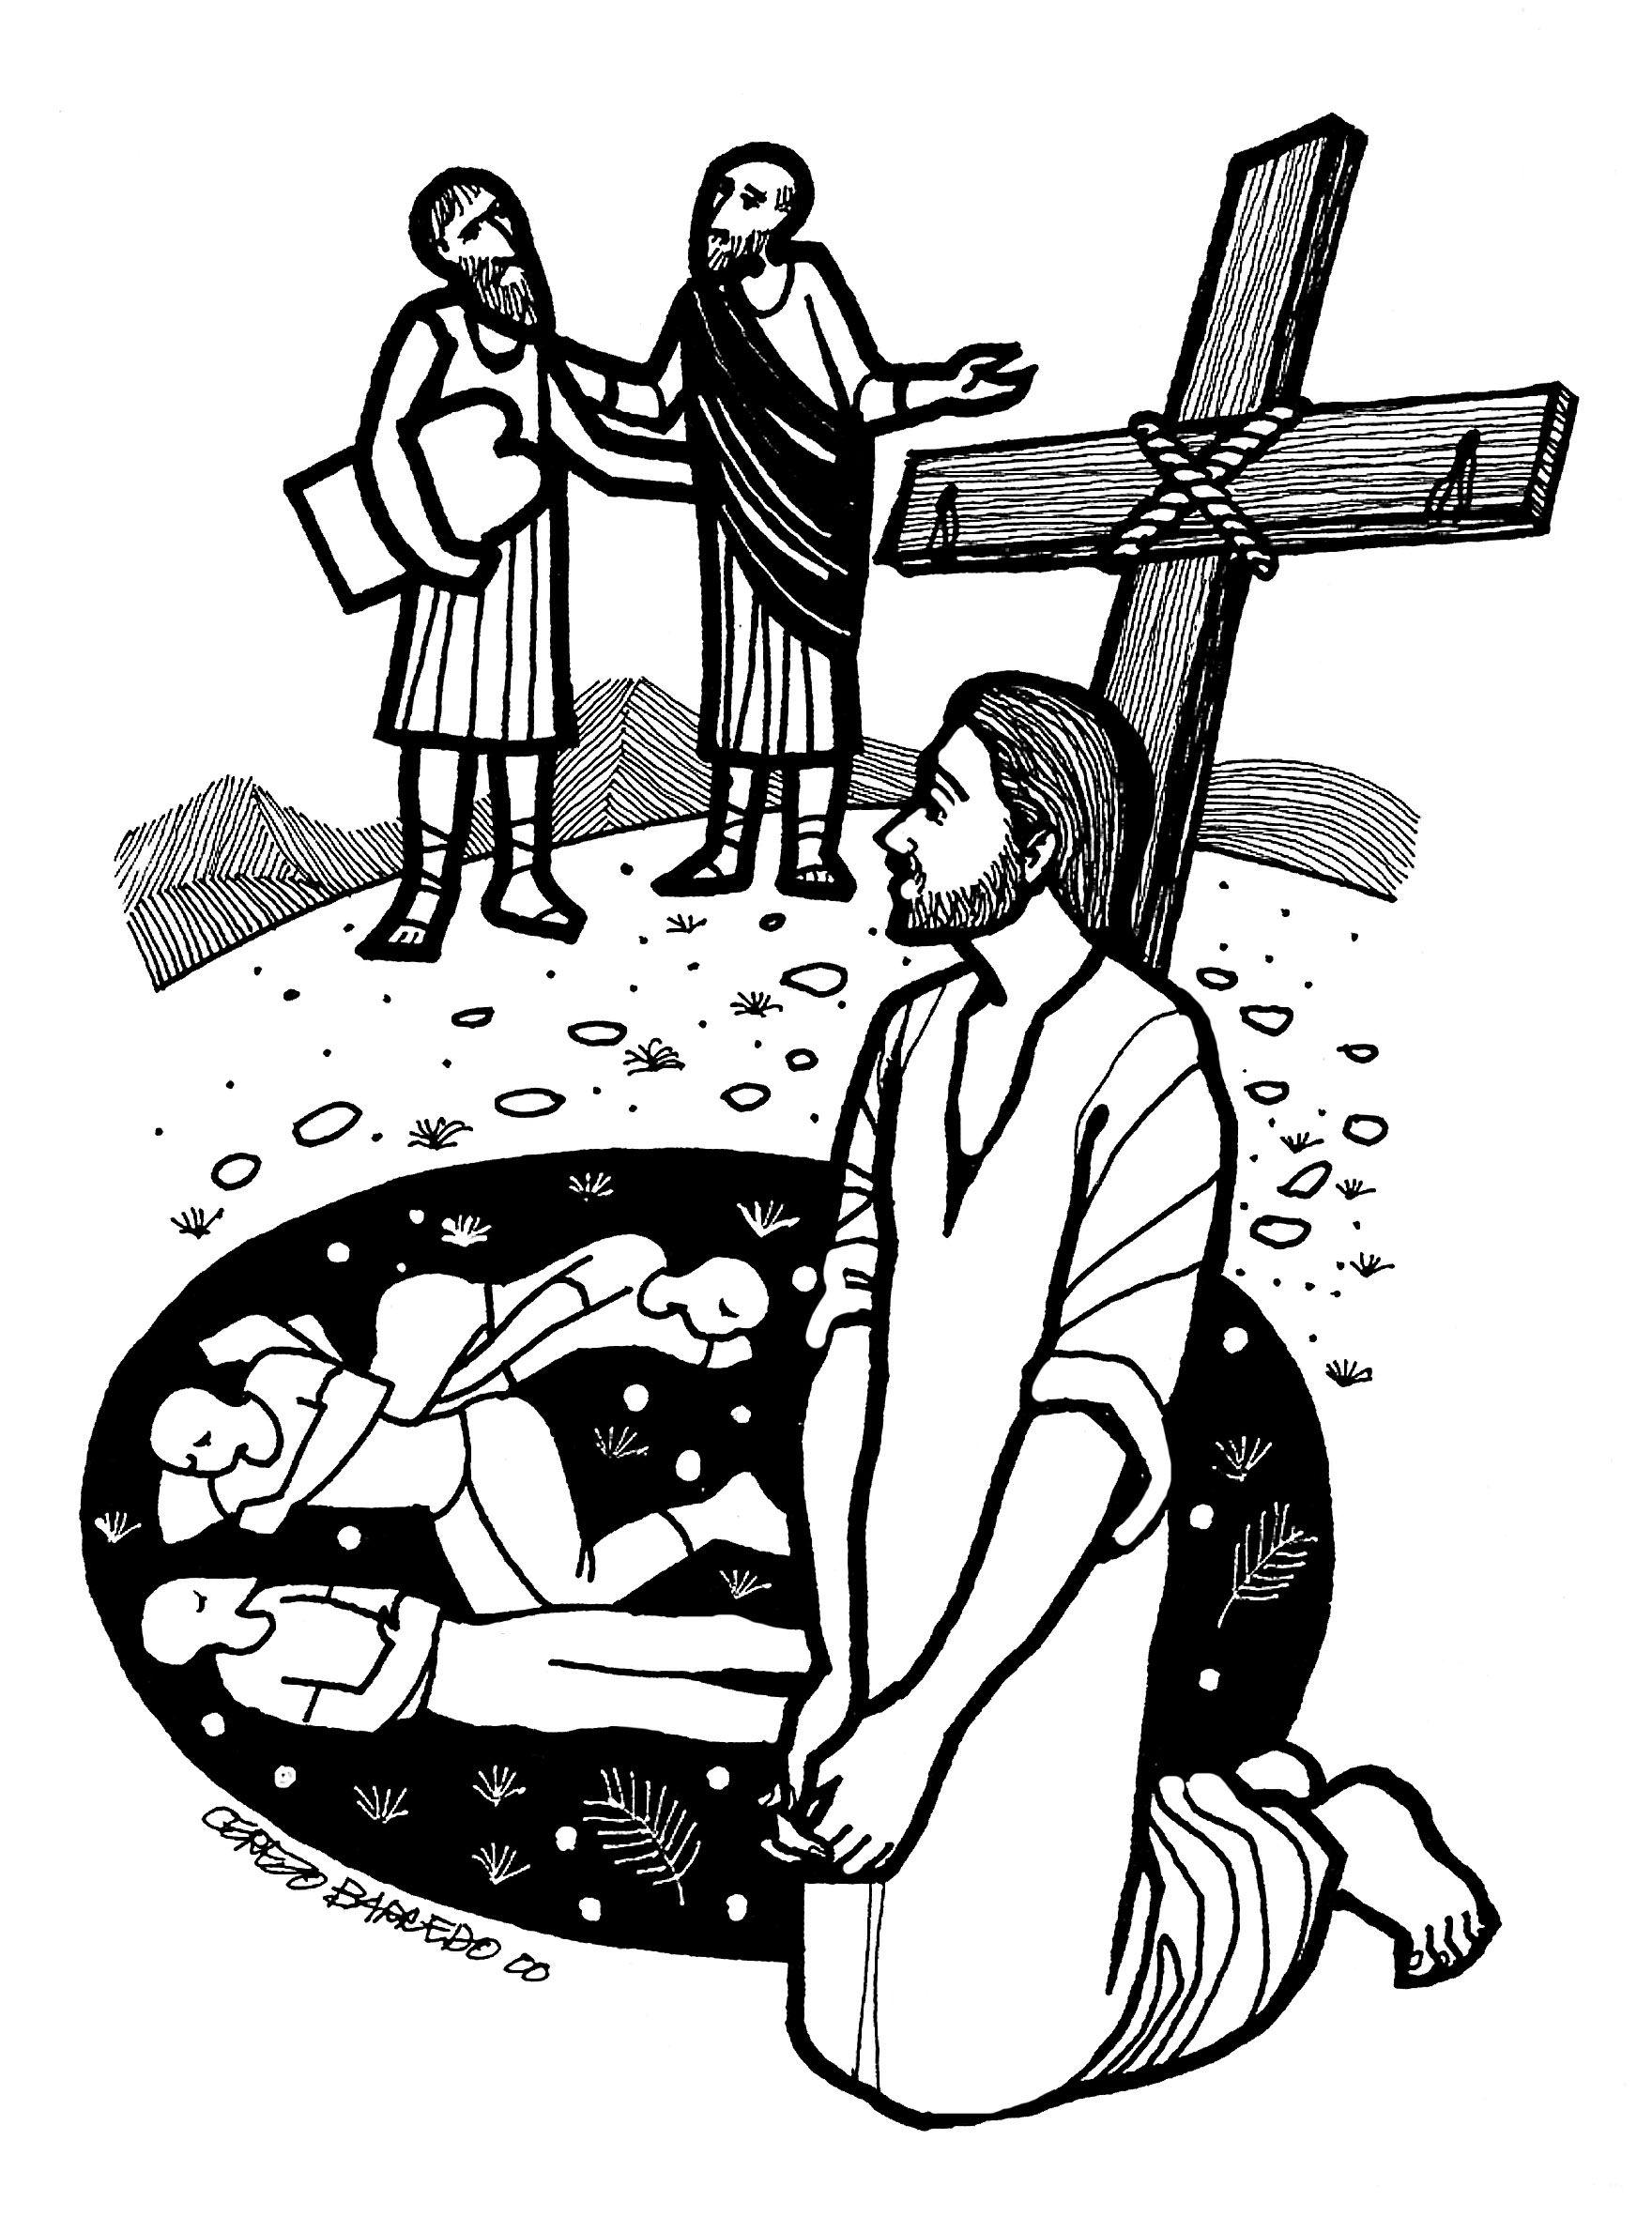 Evangelio Del Día Lecturas Del Domingo 21 De Febrero De 2016 Evangelio Del Dia Evangelio Segun San Lucas Evangelio